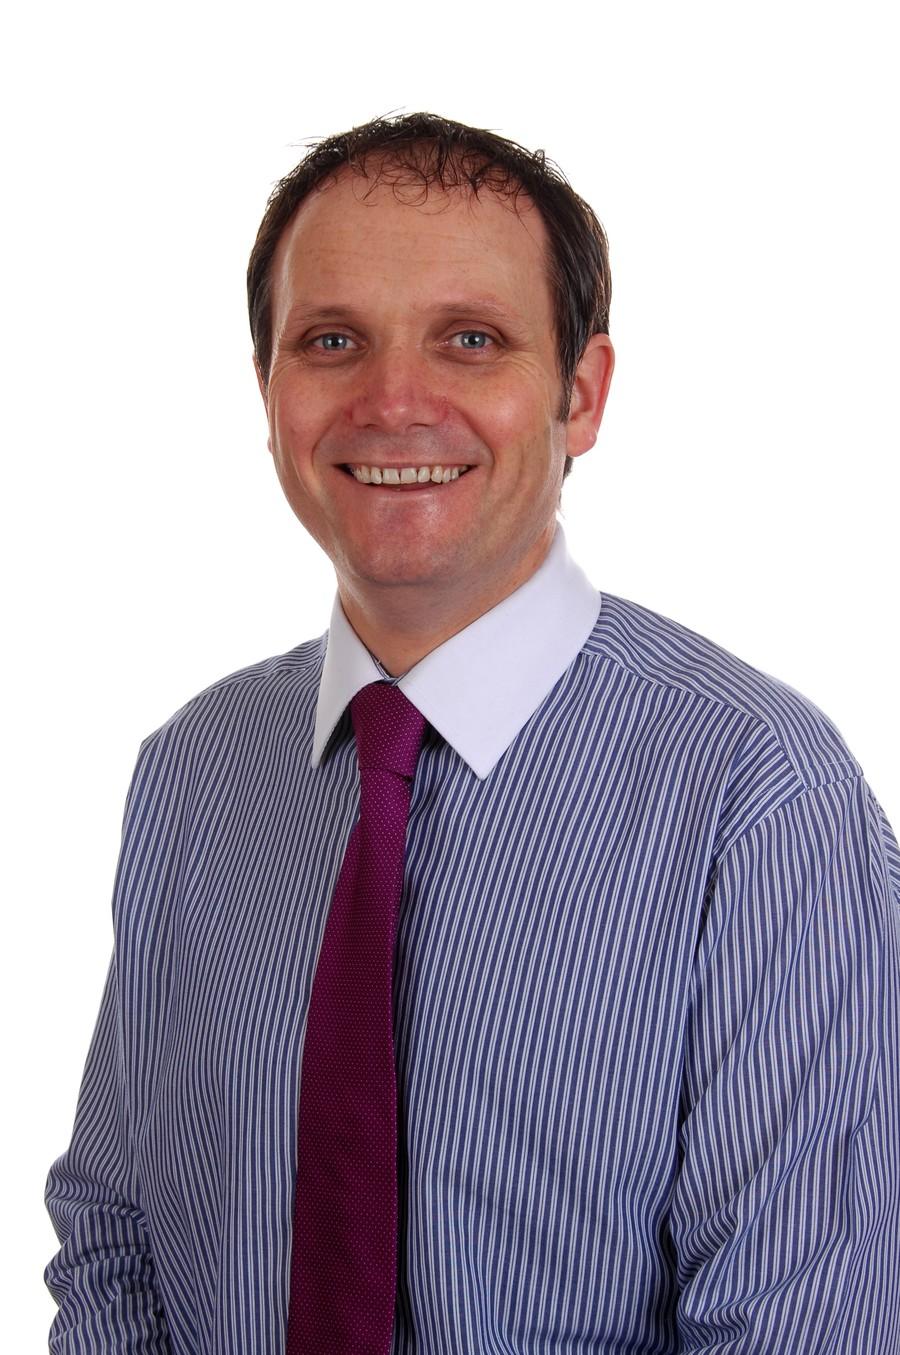 Mr Damian McGuckian